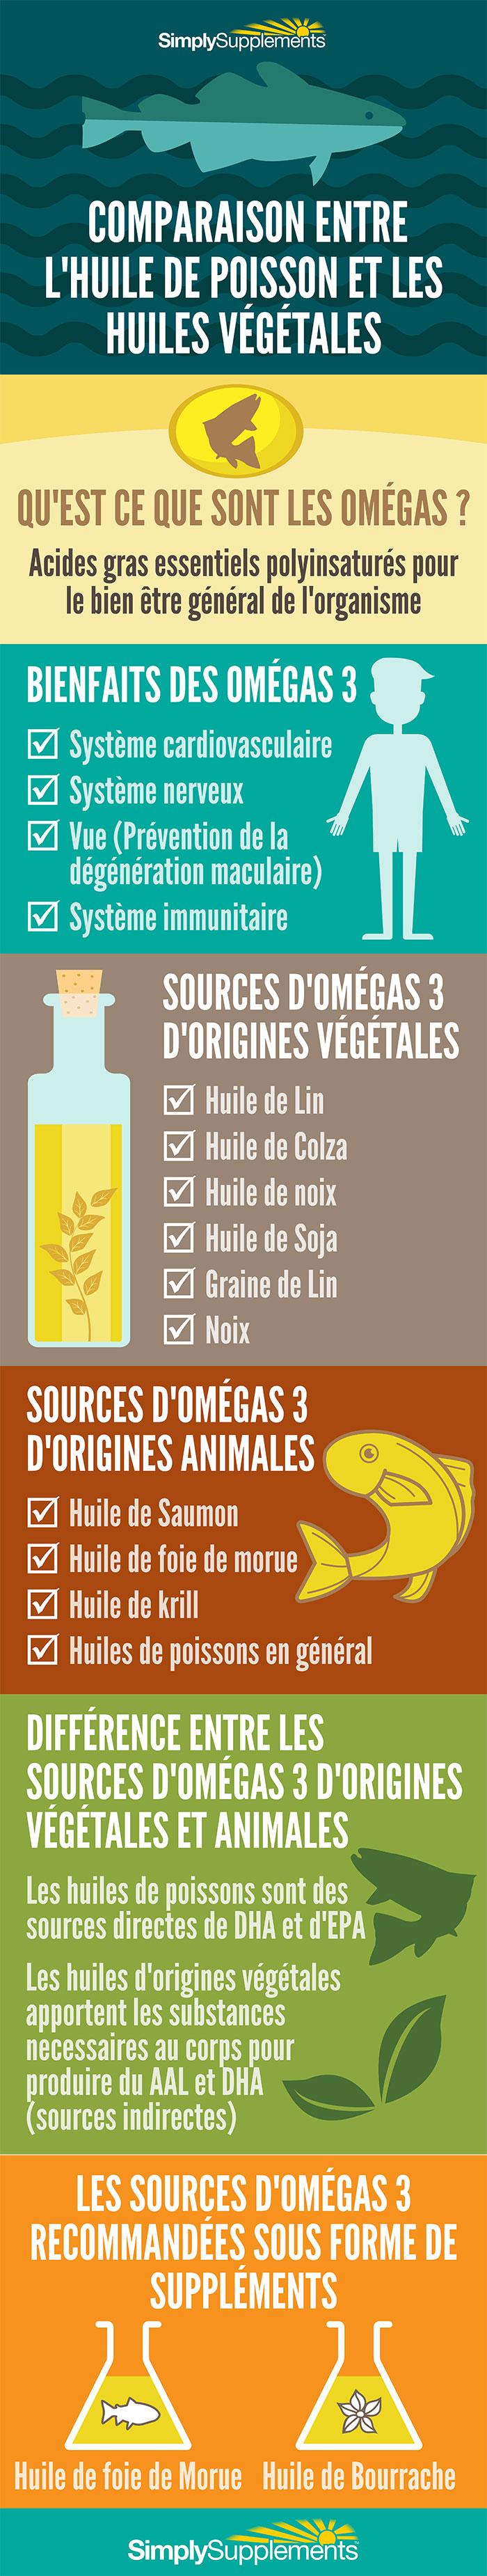 comparaison-entre-l-huile-de-poisson-et-les-huiles-vegetales